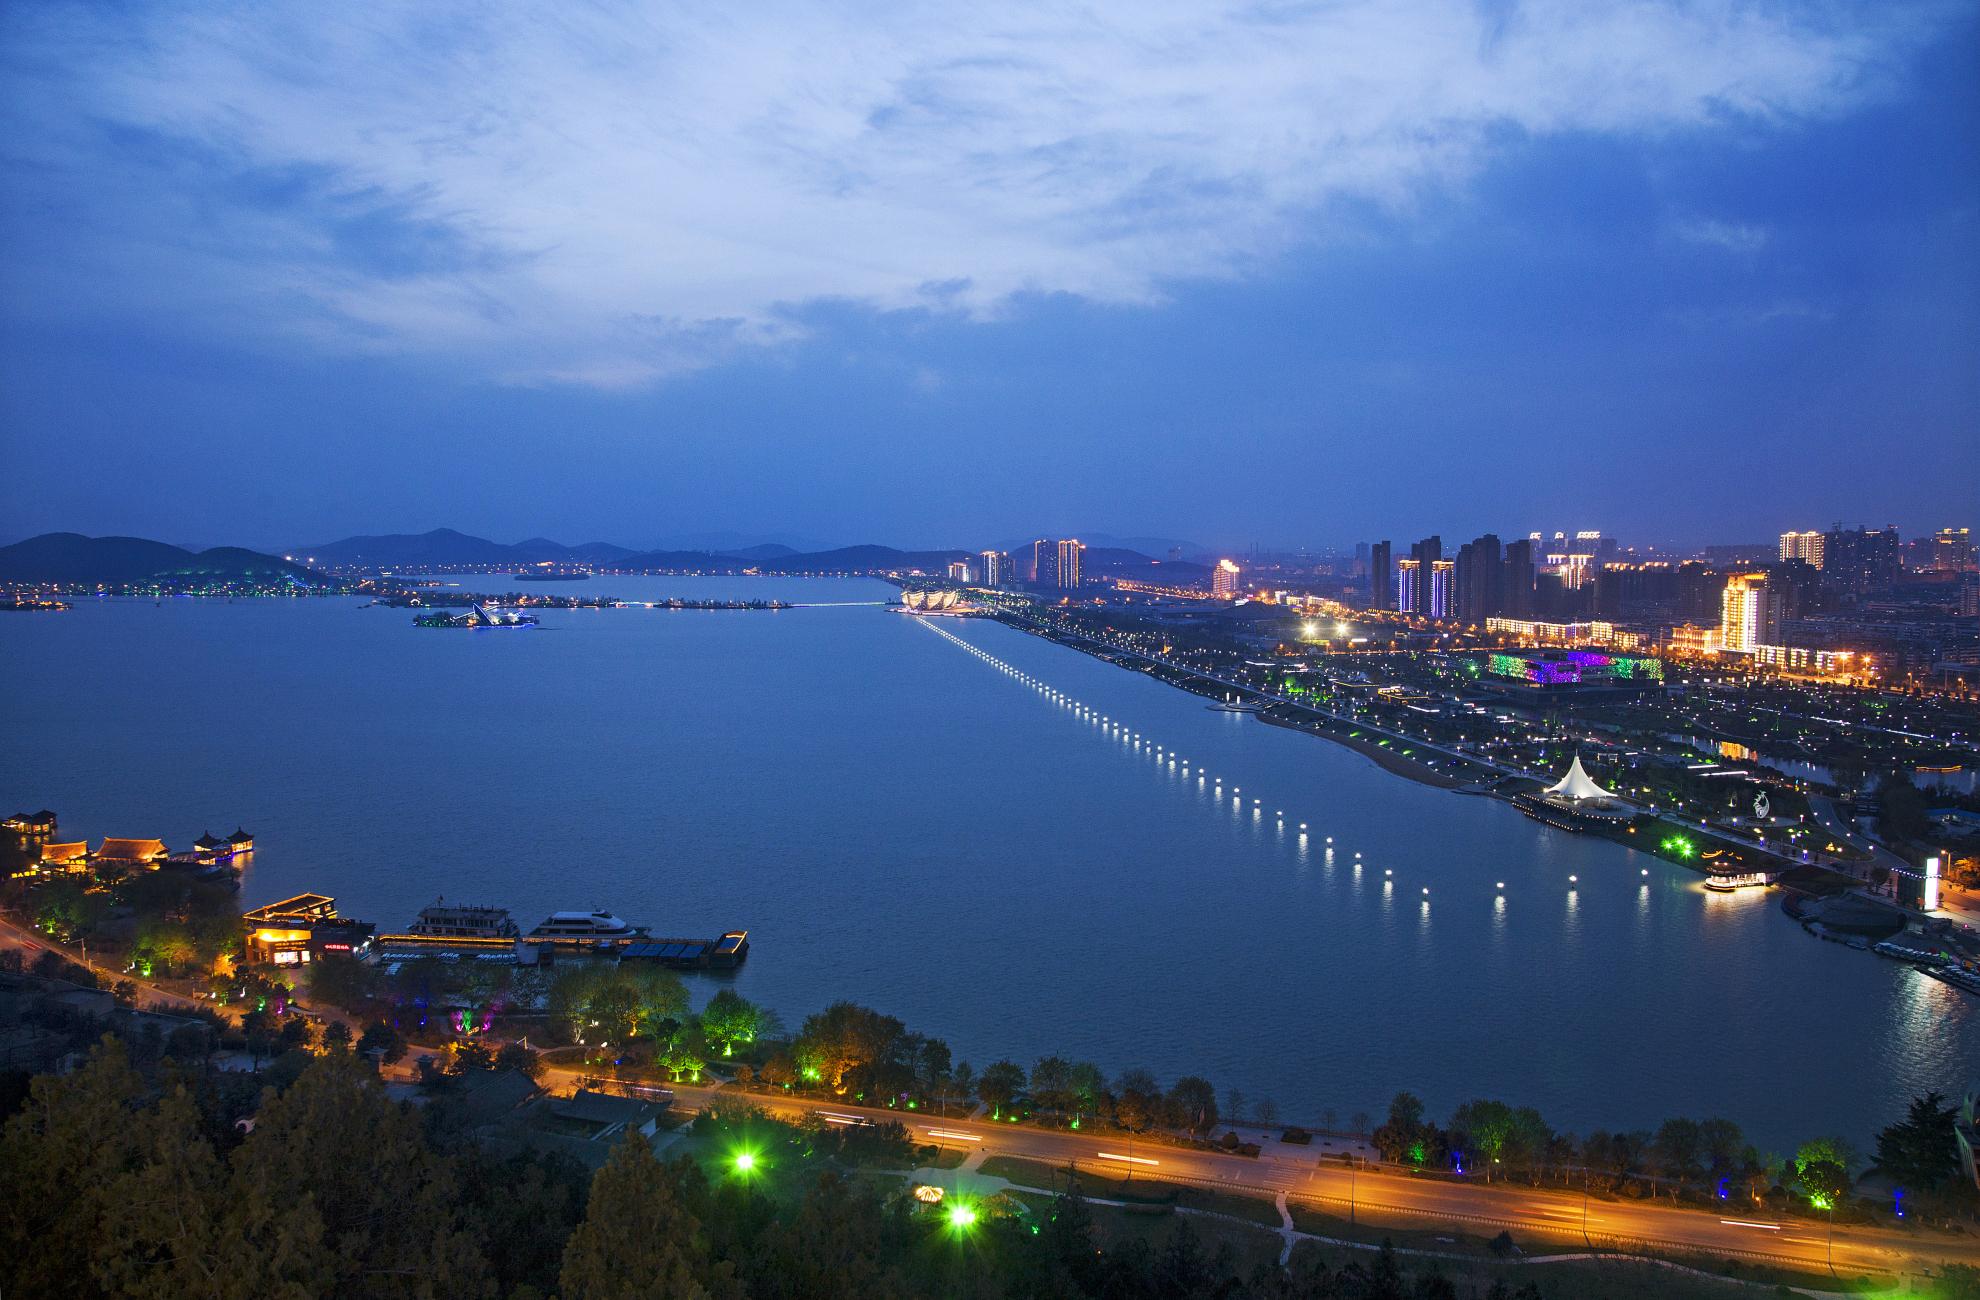 """潘安湖风景区位于徐州市东北部,贾汪区西南部,是以煤矿塌陷地复垦为平台,建成的集""""基本农田改造、采煤塌陷地复垦、生态环境修复、湿地景观开发""""四位一体的重大工程."""